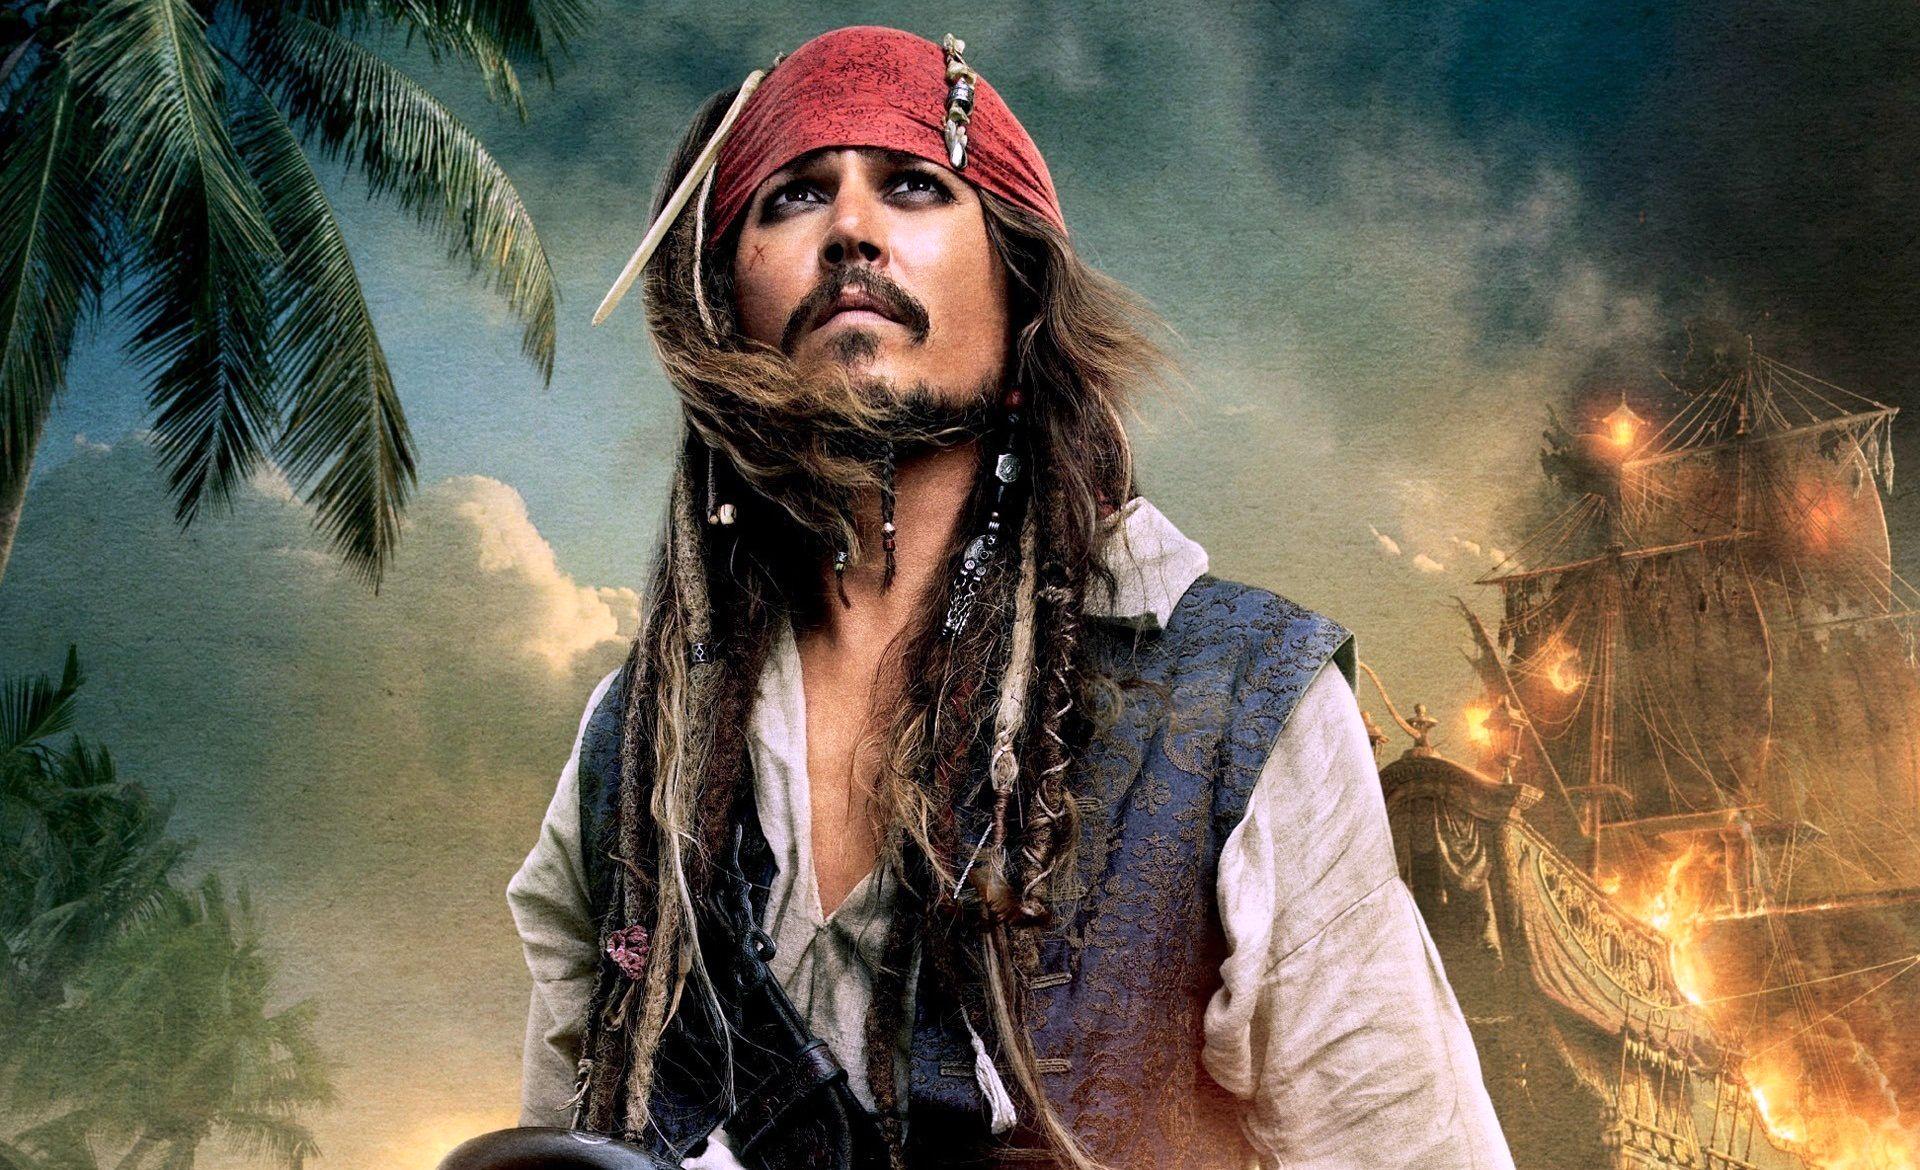 Пираты Карибского моря: Проклятие черной жемчужины (2003) - YouTube | 1170x1920